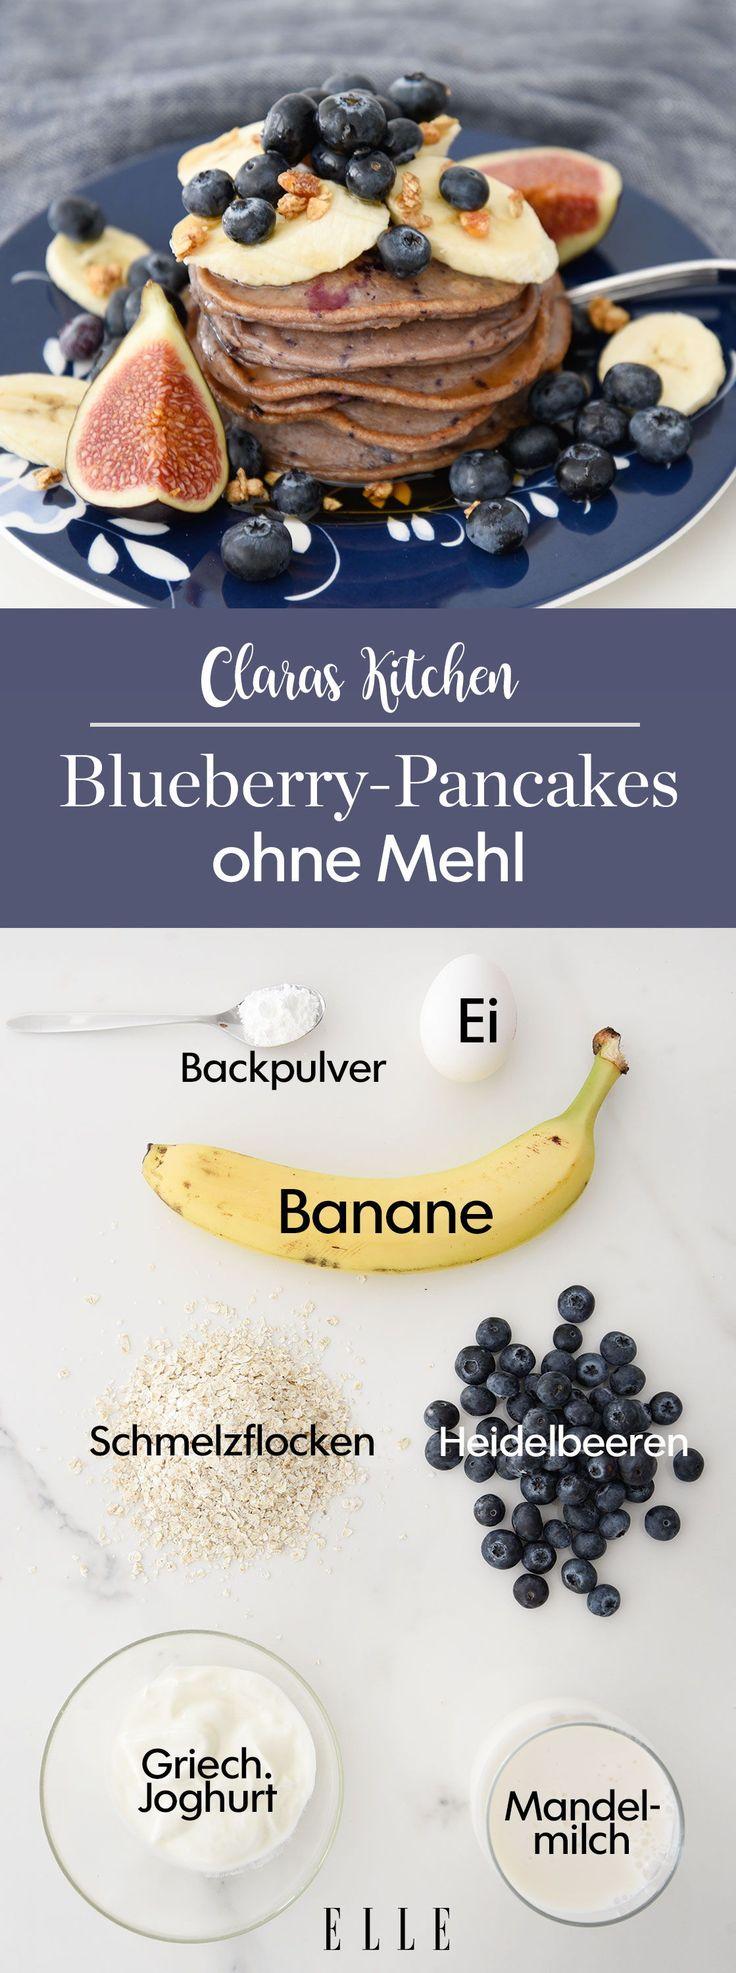 Crêpes aux bleuets avec des bananes, la recette